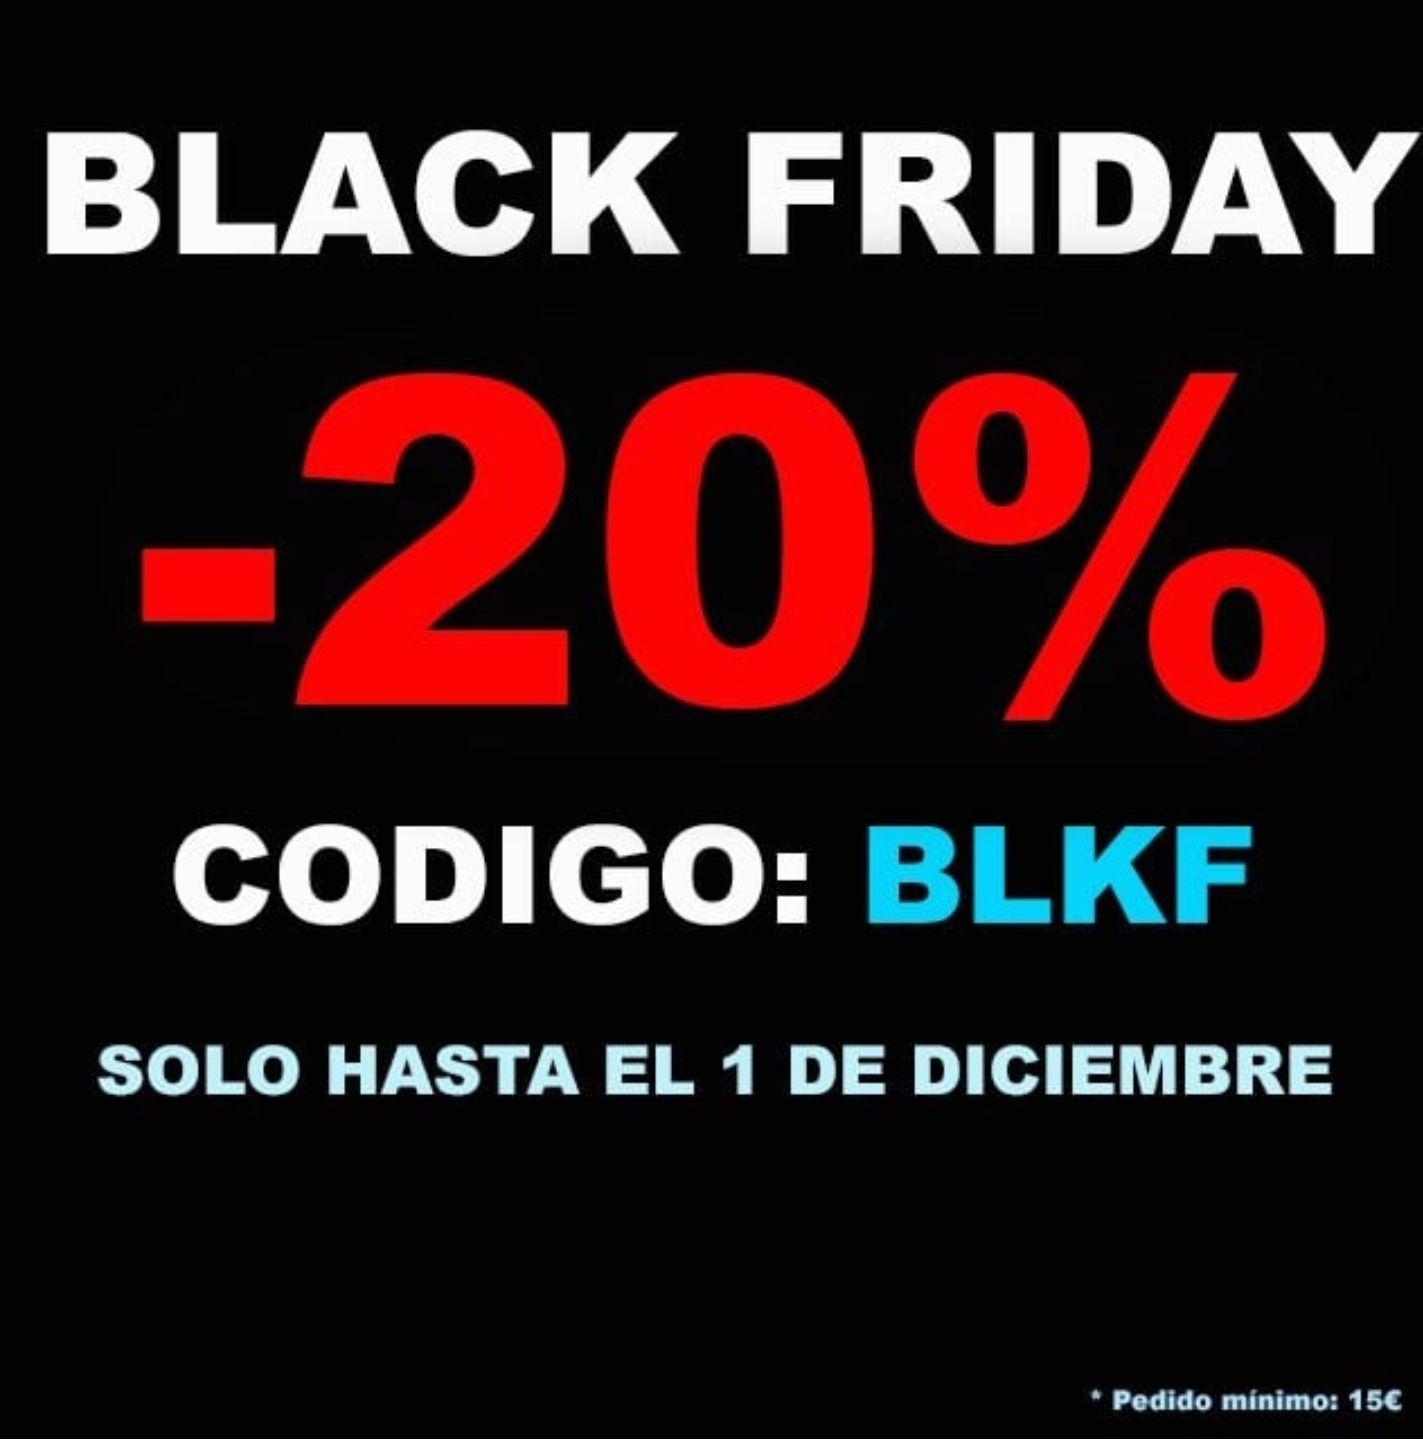 Black Friday en FILLOW